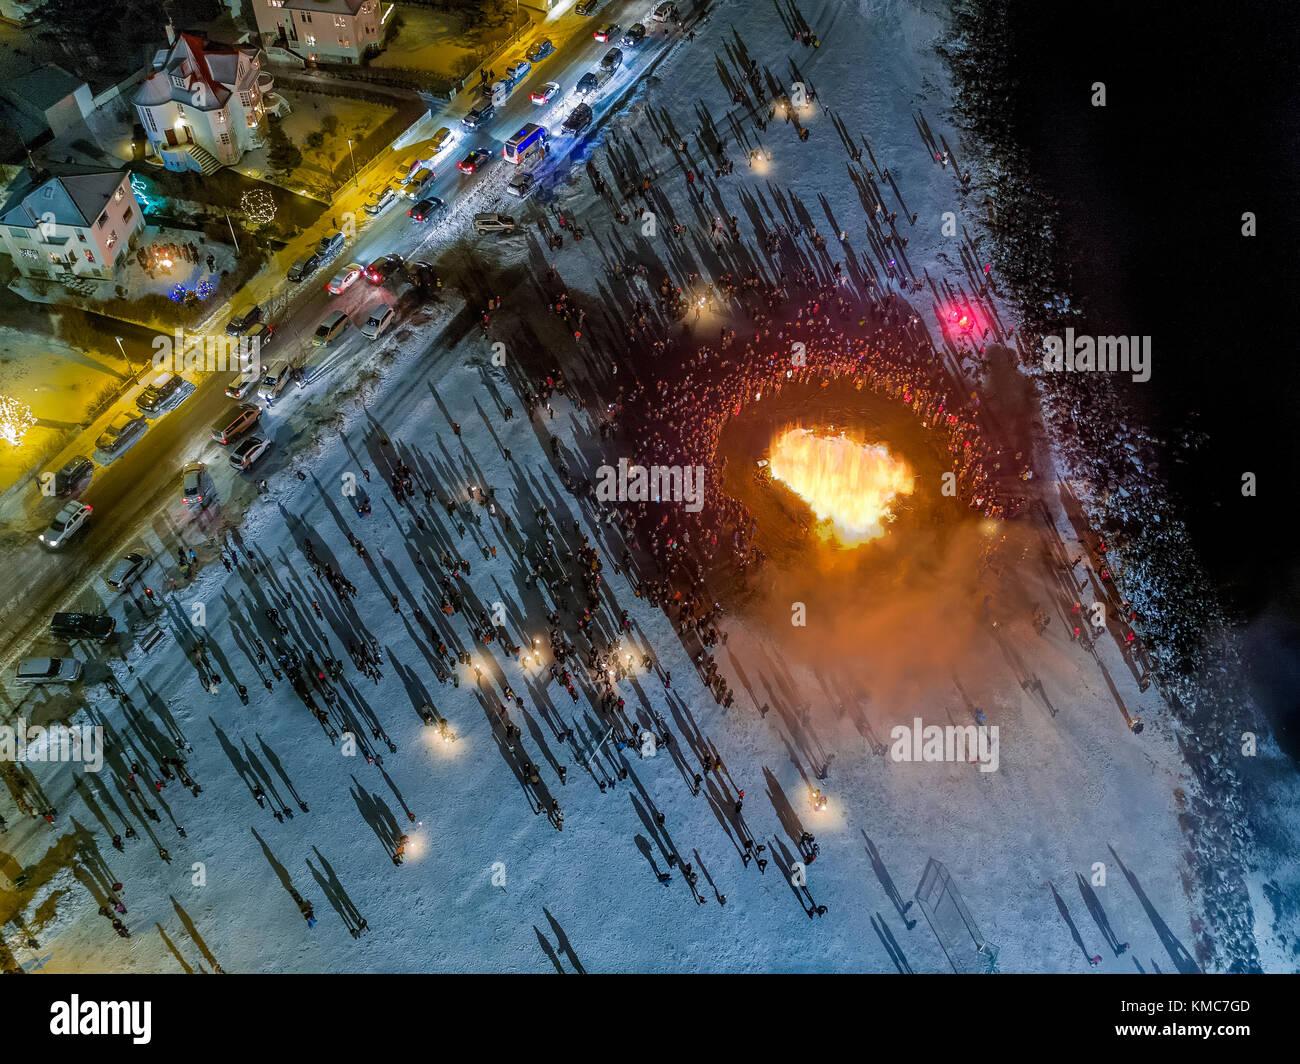 Lagerfeuer und Feuerwerk auf das neue Jahr ist eine jährliche Veranstaltung, Reykjavik, Island. dieses Bild Stockbild